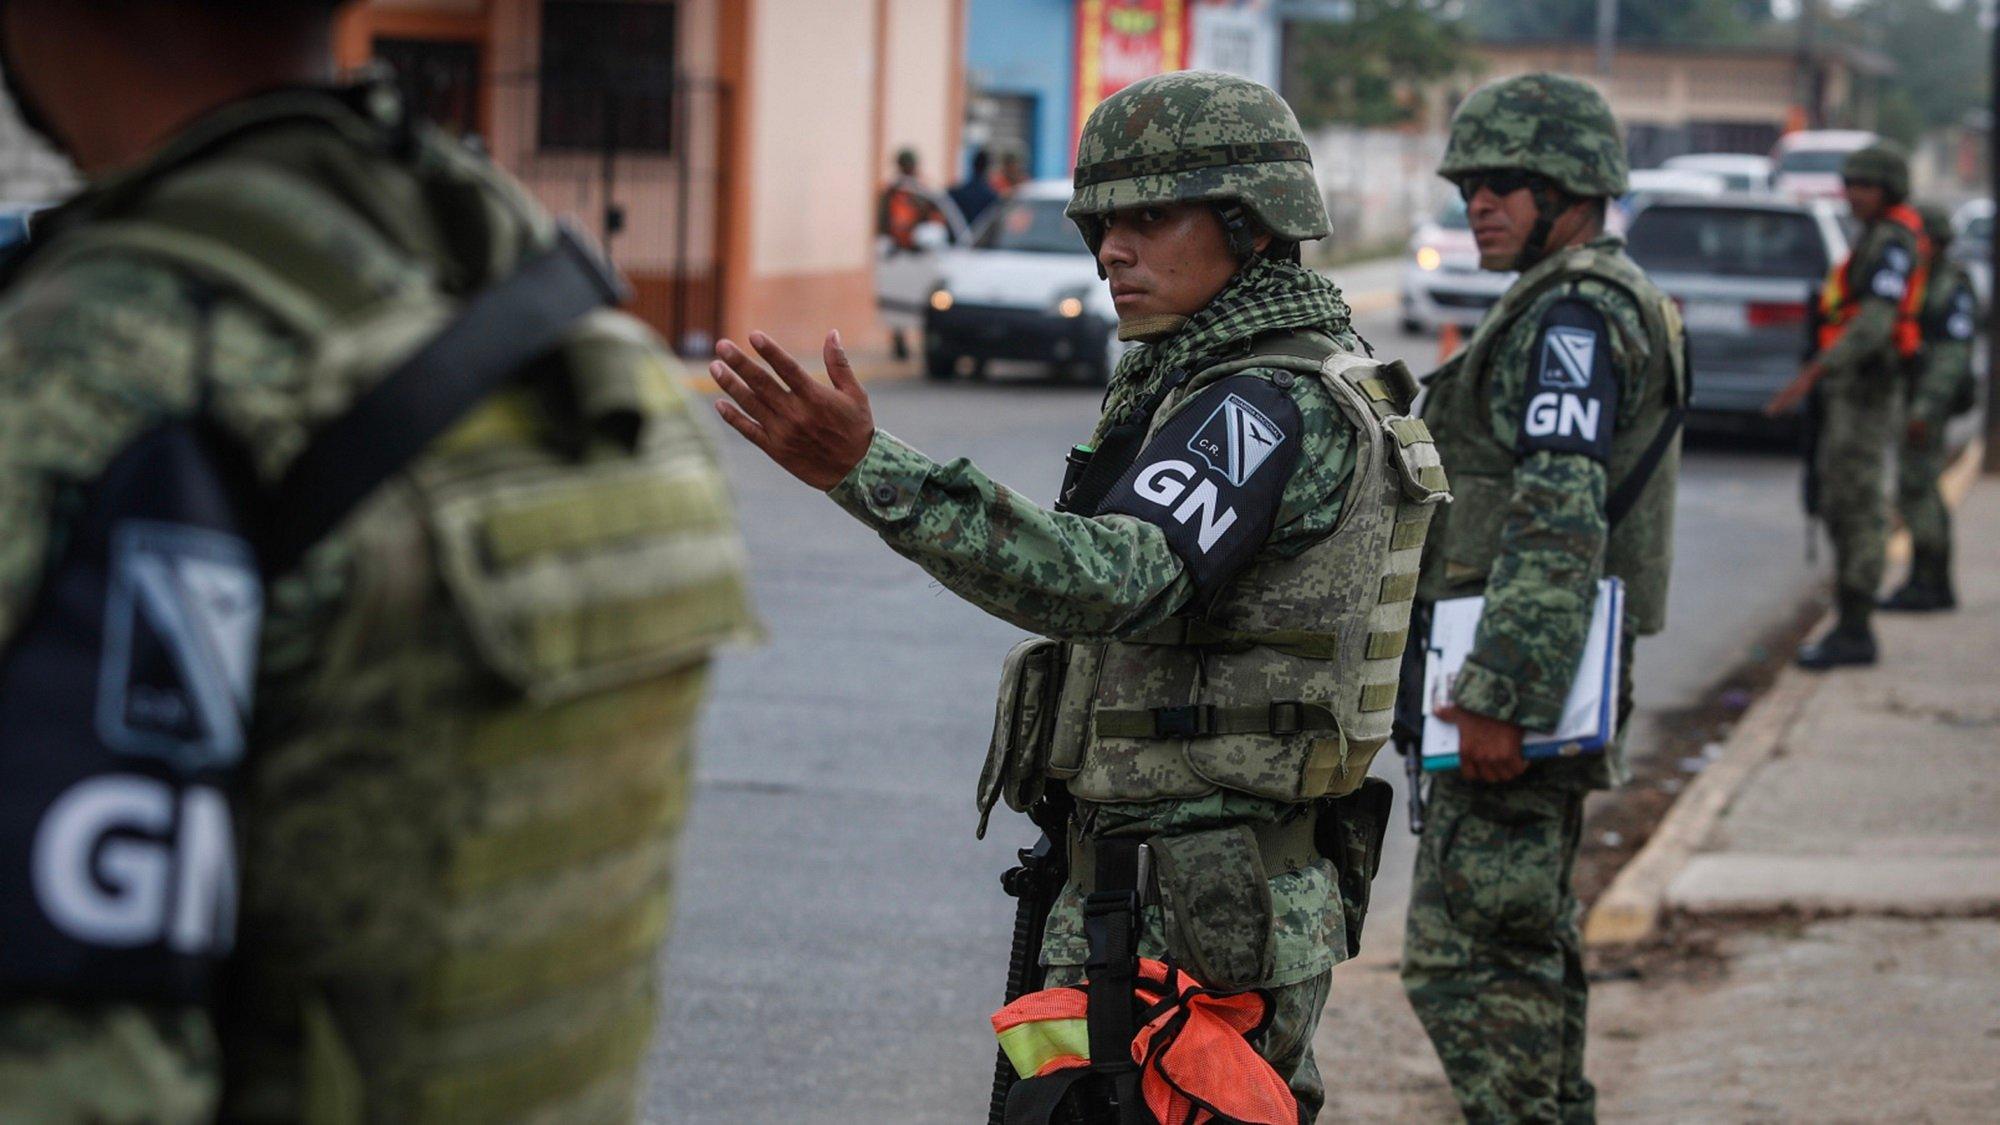 México tiene 10,000 agentes en frontera sur para detener migración: Casa Blanca